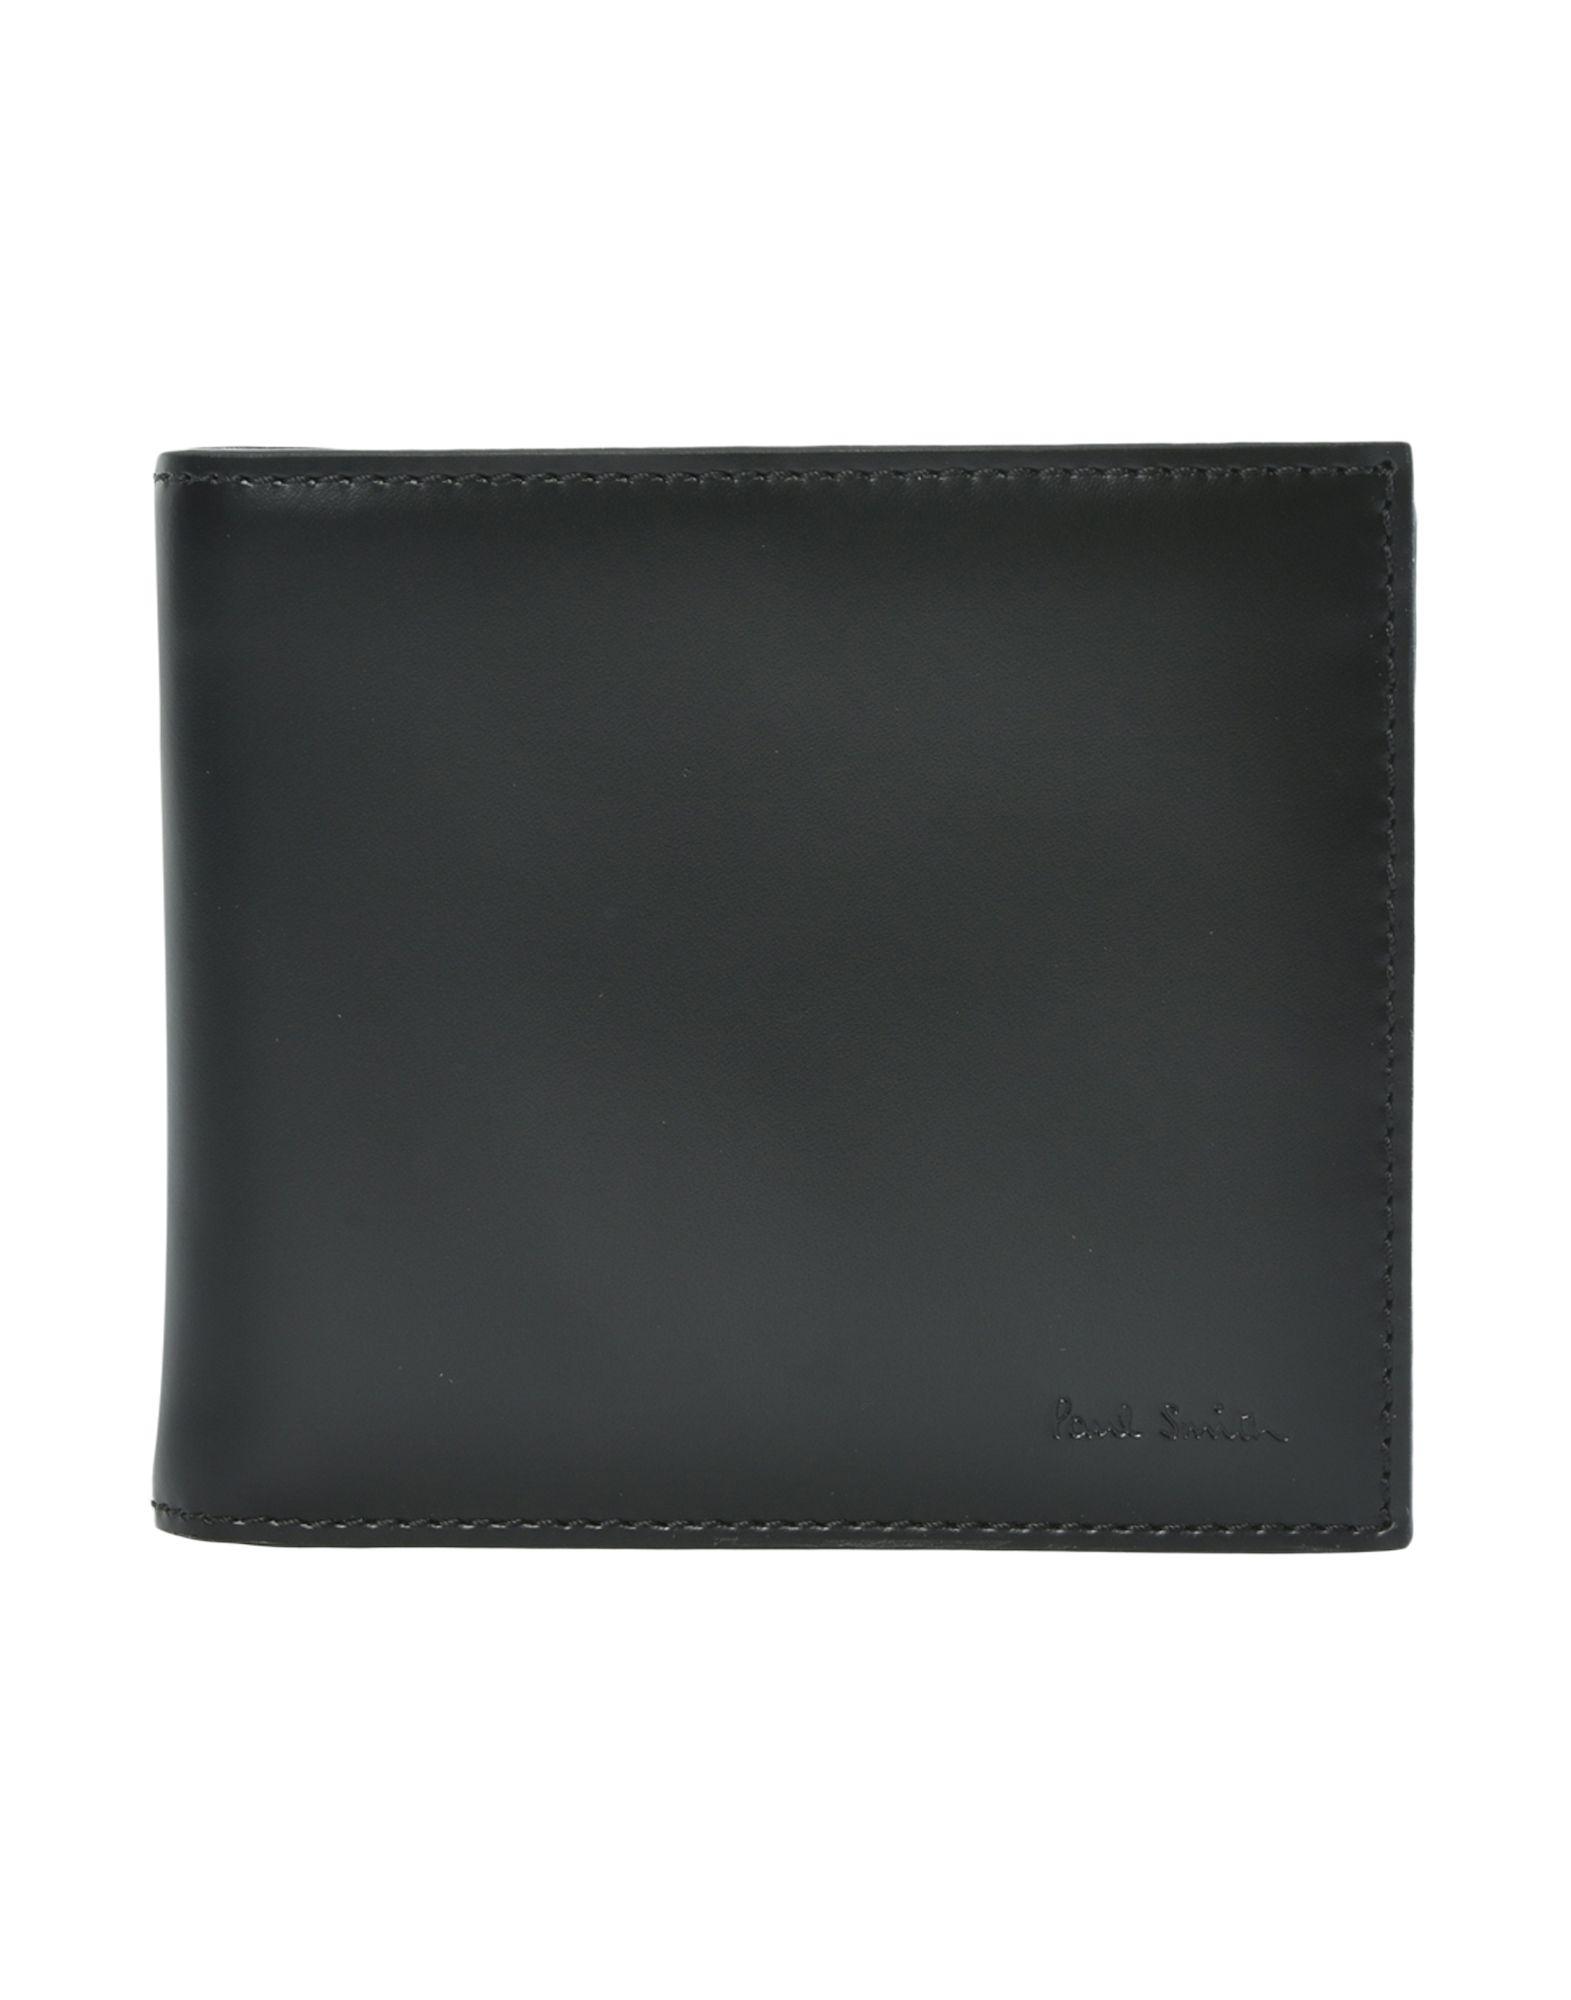 メンズ ポール スミス 財布 ブラック